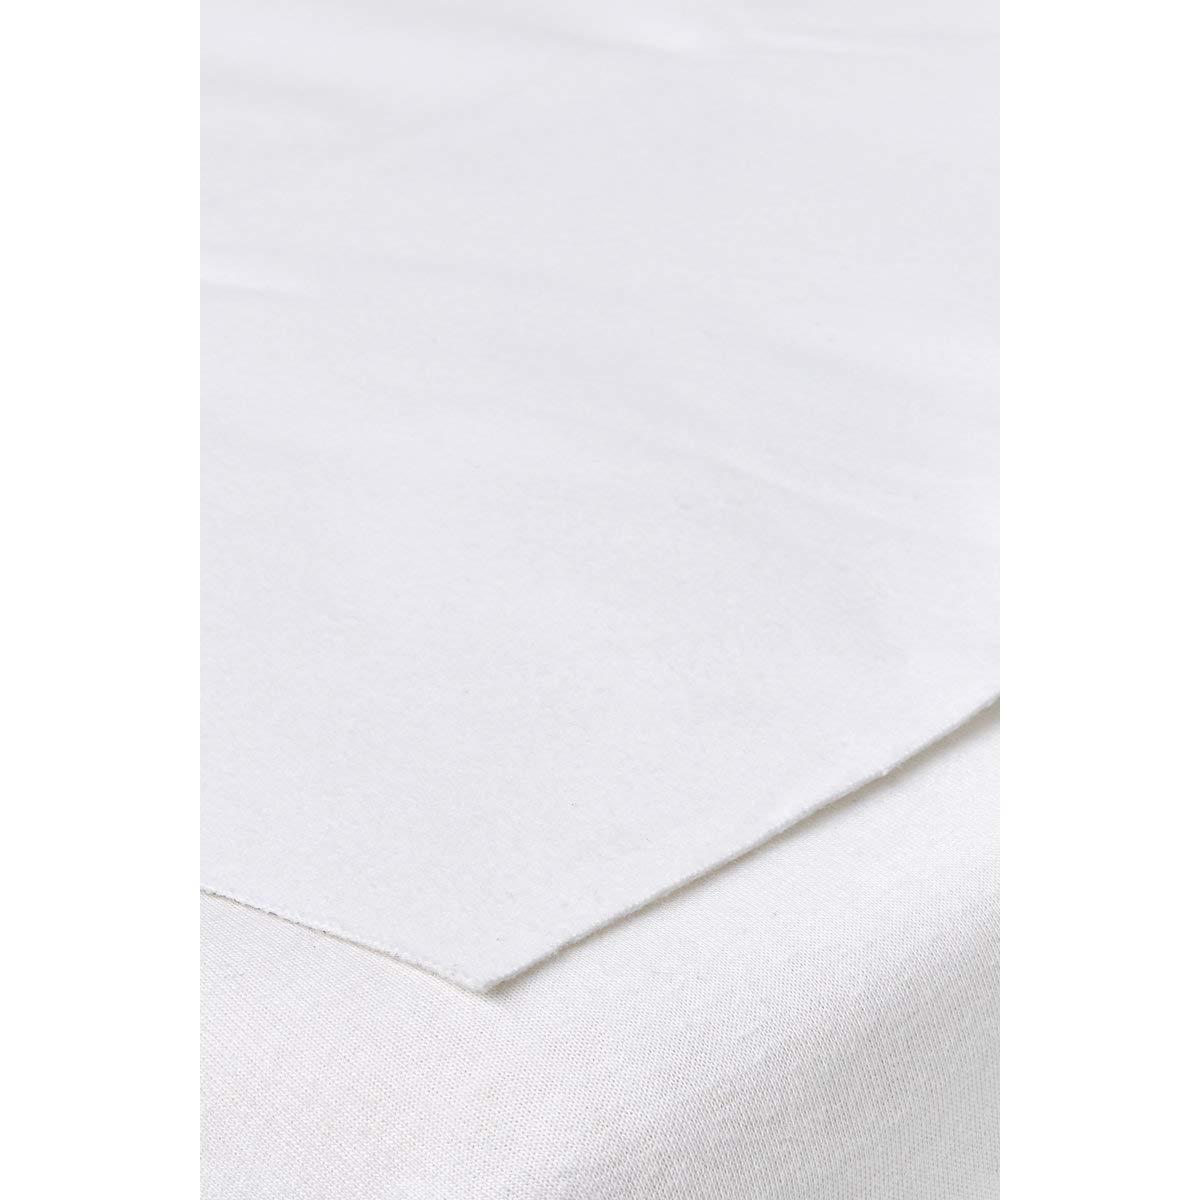 MEYCO Baby ** Wasserdichte Betteinlage//Matratzenauflage MOLTON 100/% Baumwolle ** Atmungsaktiv weich in verschiedenen Gr/ö/ßen kochfest 40x50cm